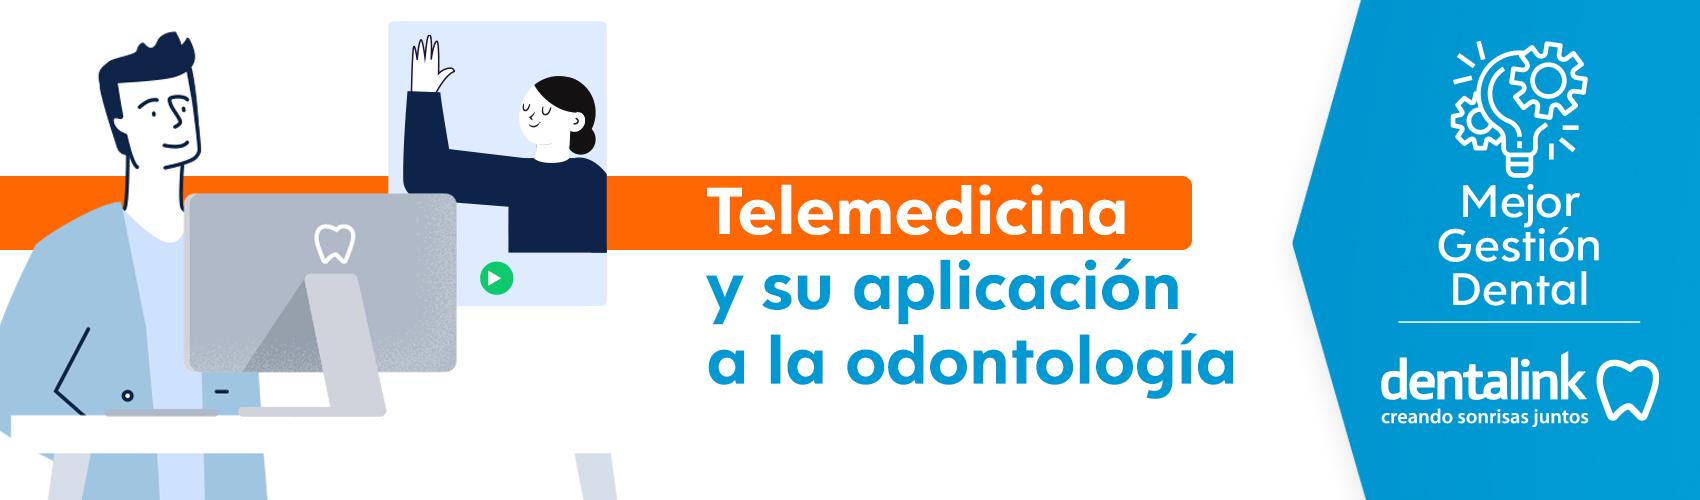 ¿Cómo aplicar la telemedicina odontológica?